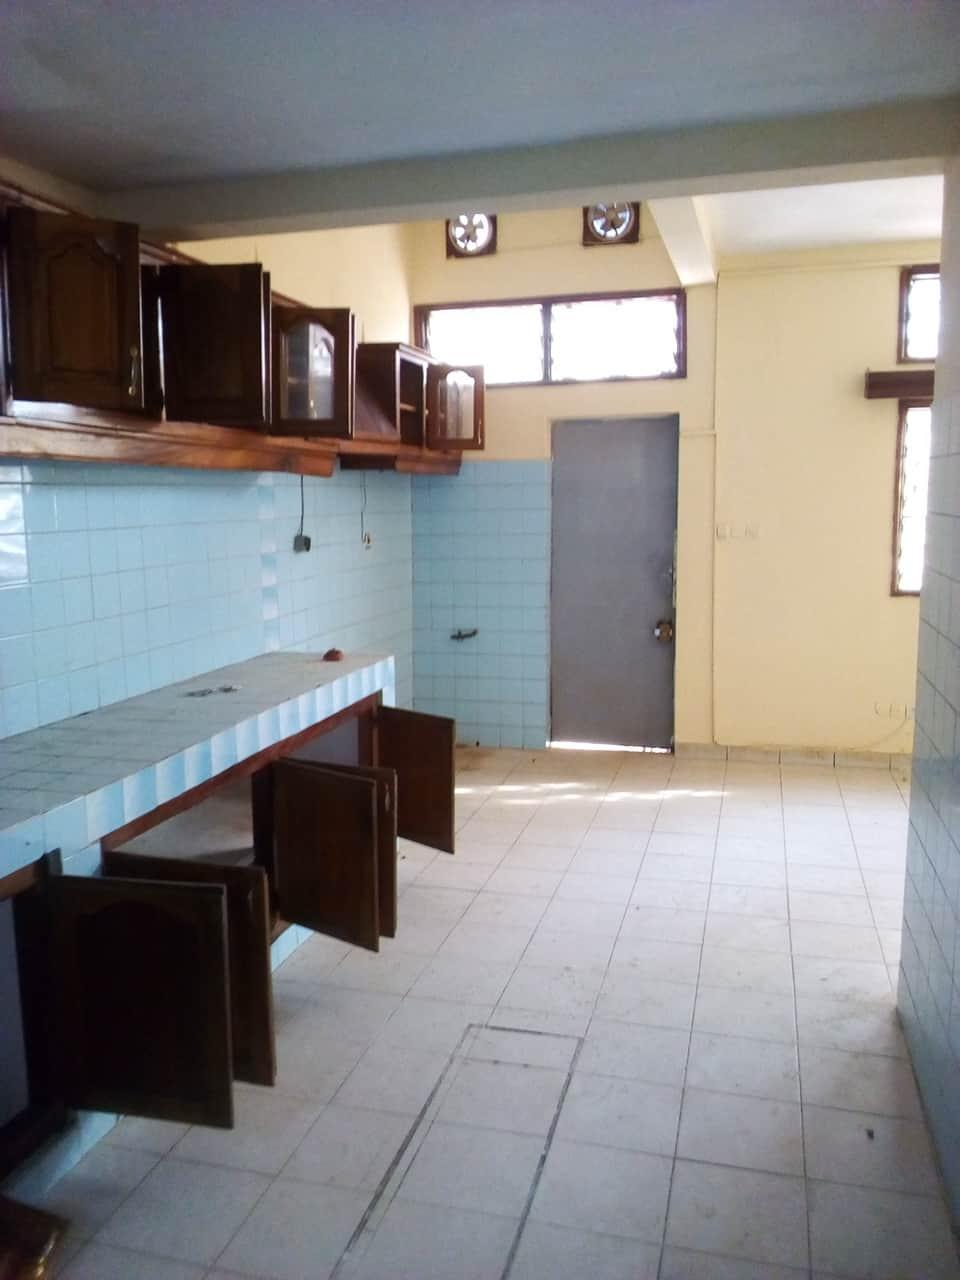 Office to rent at Yaoundé, Bastos, pas loin de lhotel le diplomate - 700 m2 - 1 500 000 FCFA